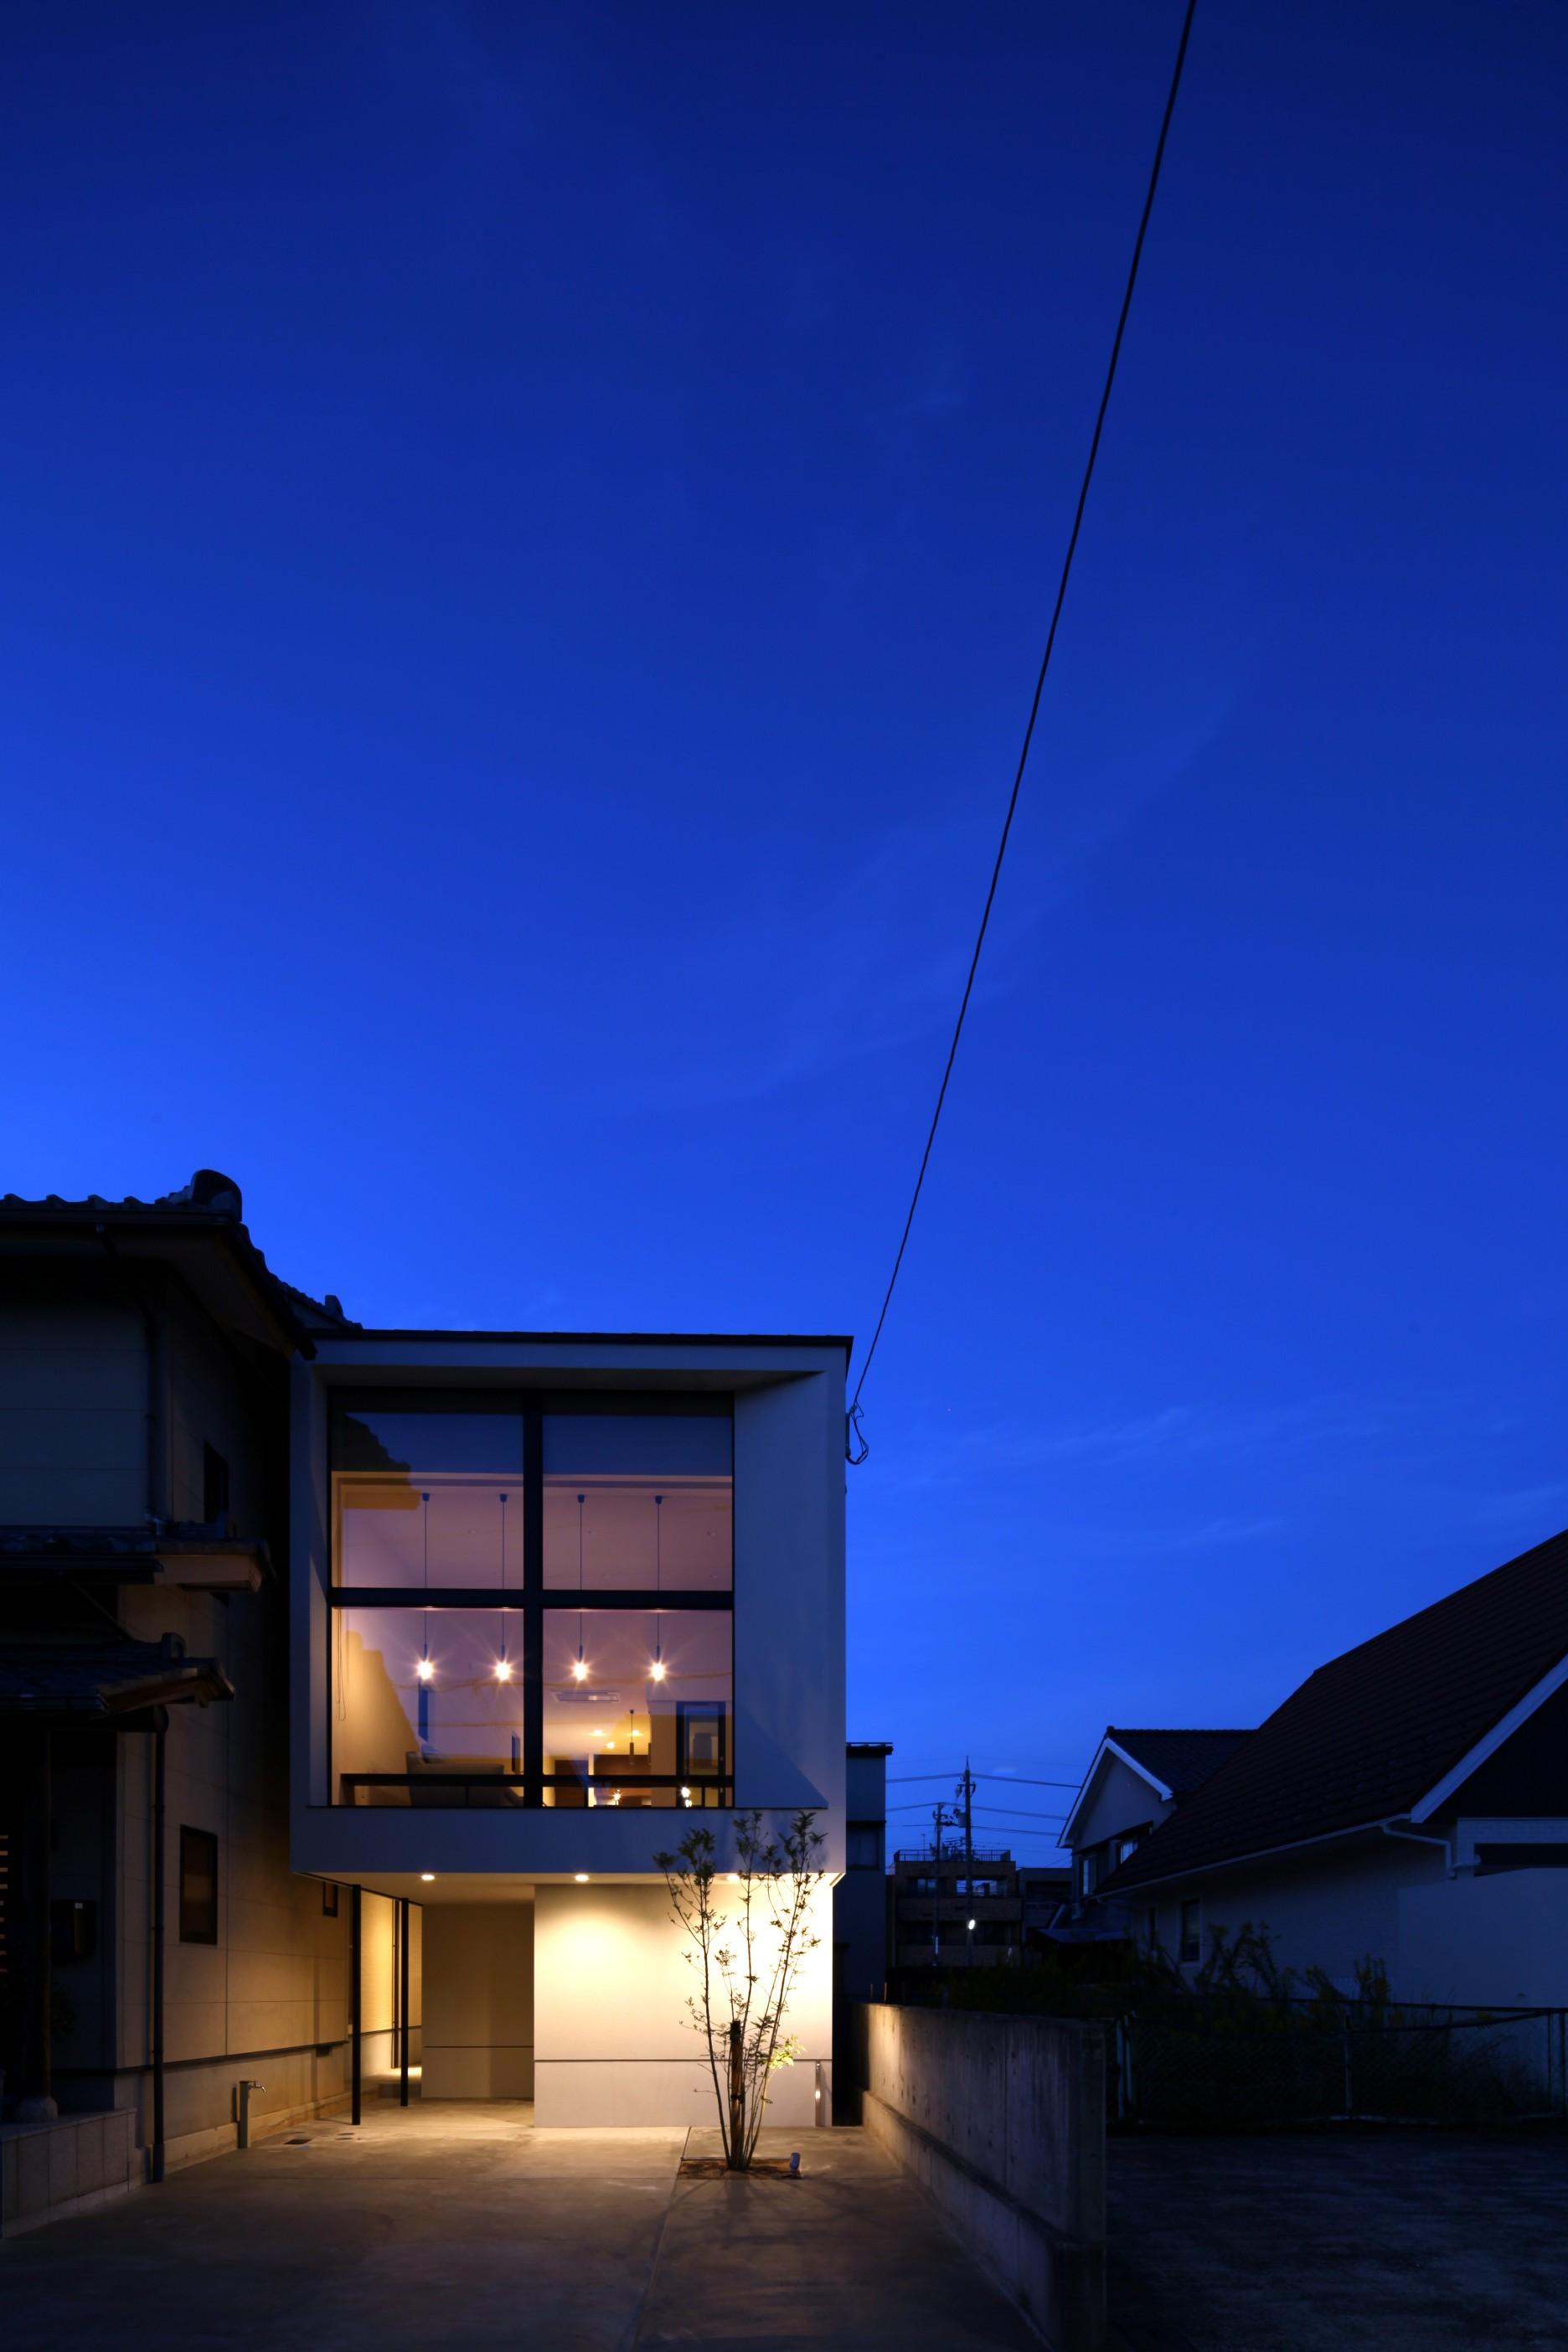 外観事例:夜の印象的なファサード(柴染の家(ふしぞめのいえ)~街に開かれたファサード~)